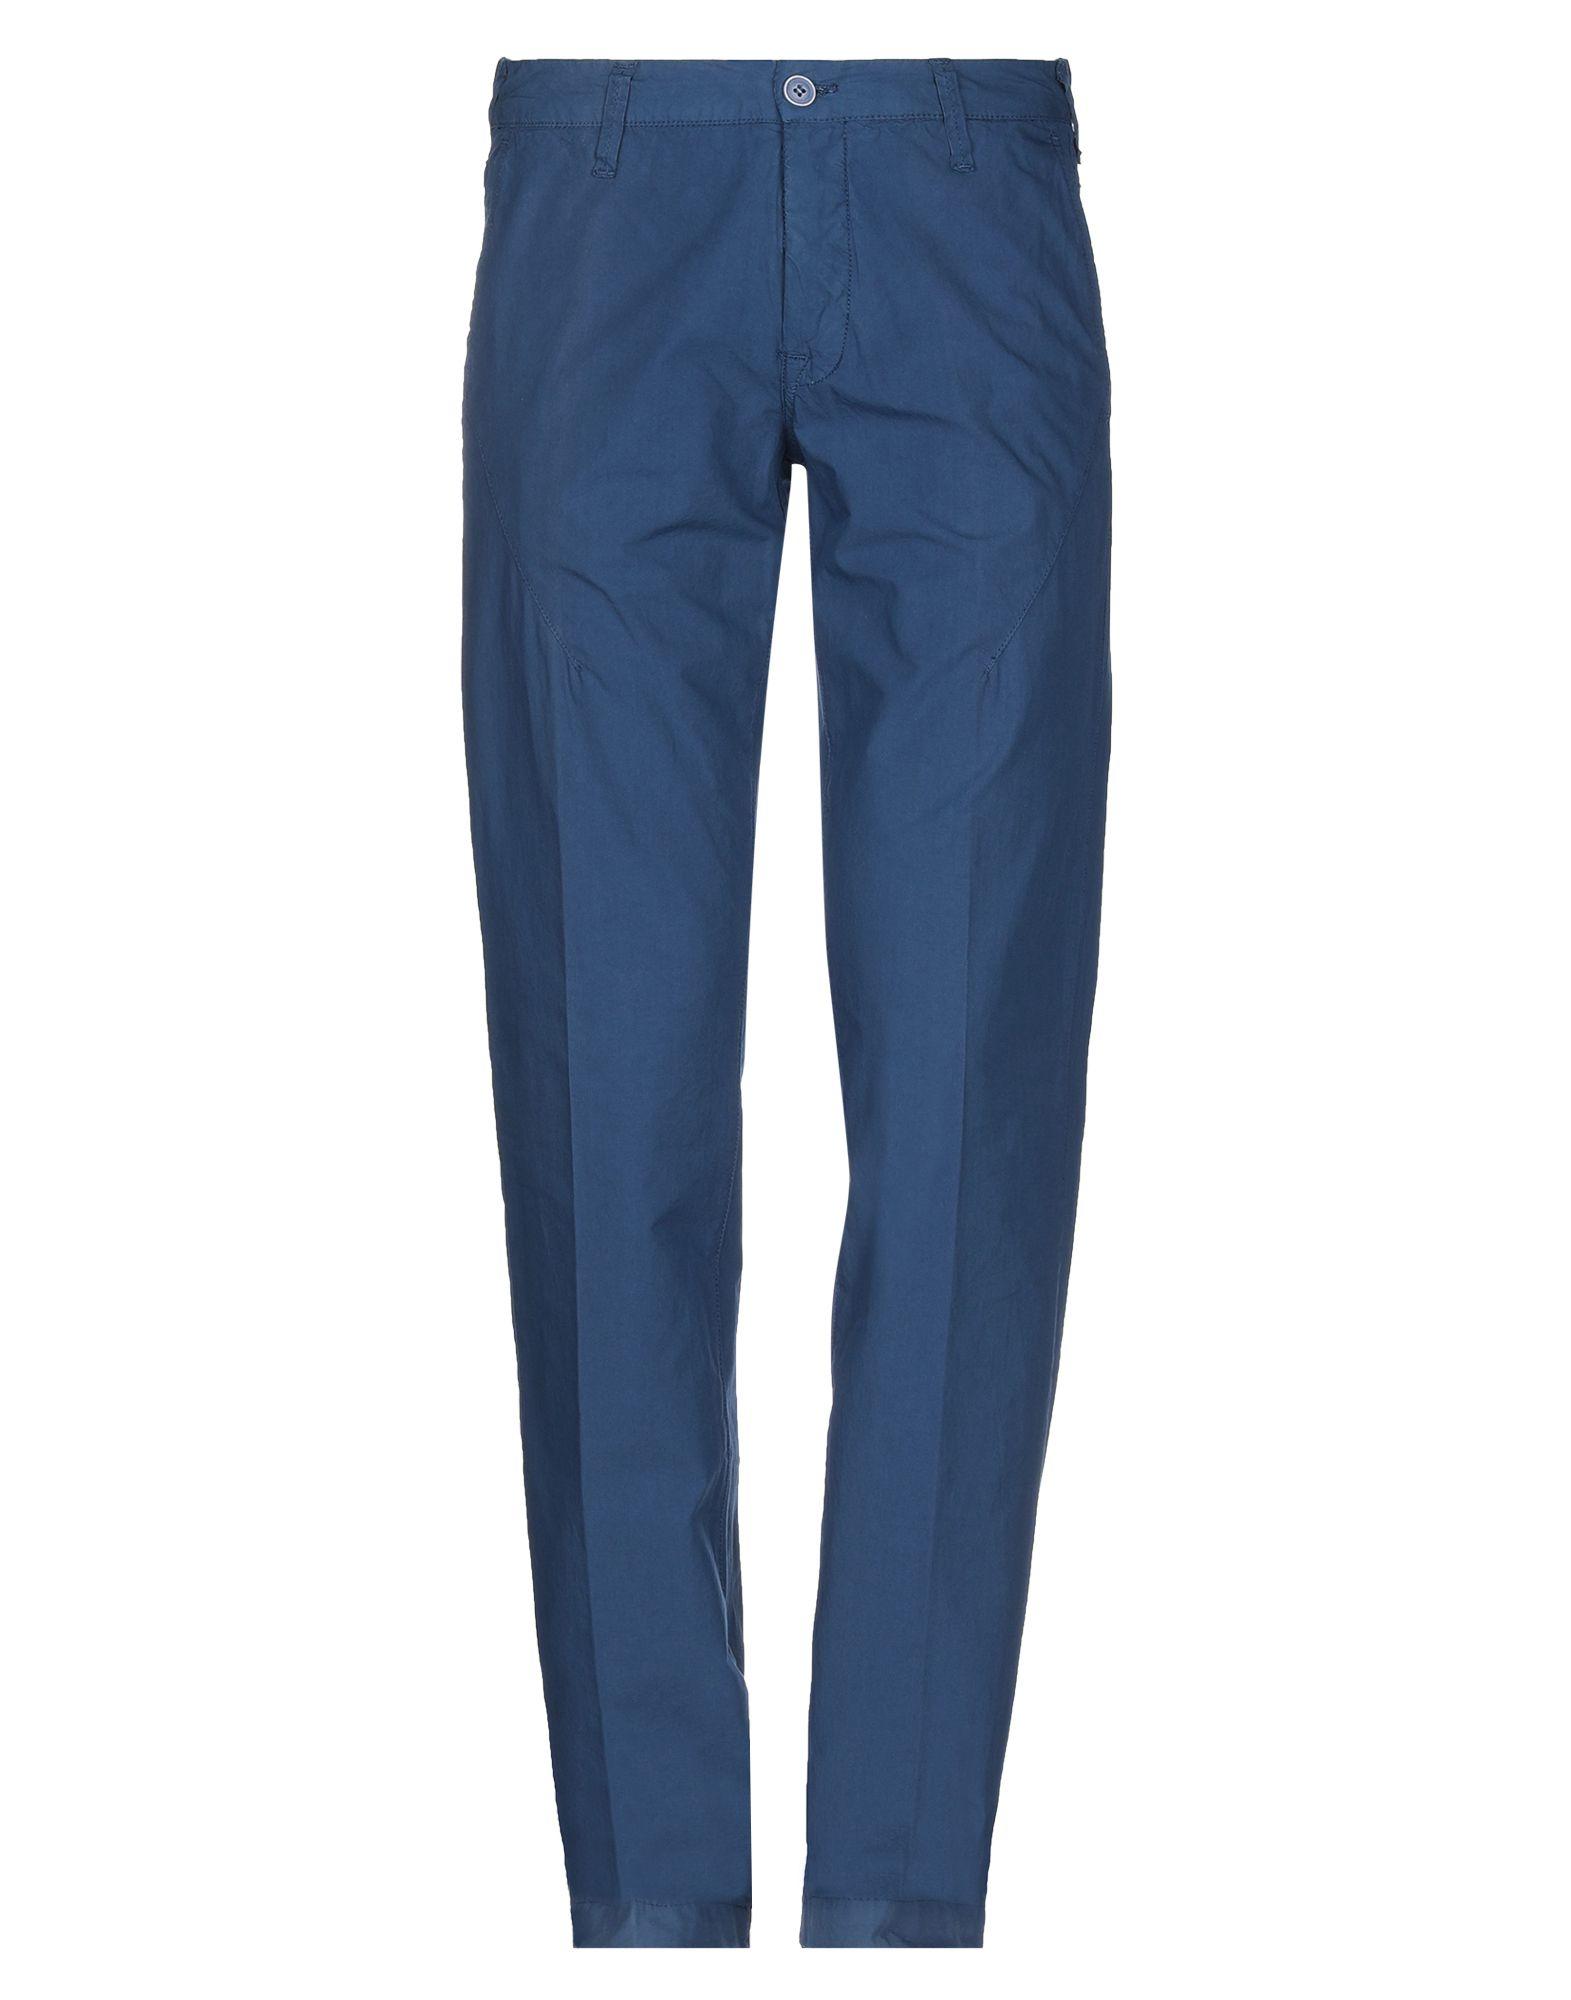 《セール開催中》BERRY & BRIAN メンズ パンツ ダークブルー 54 コットン 100%